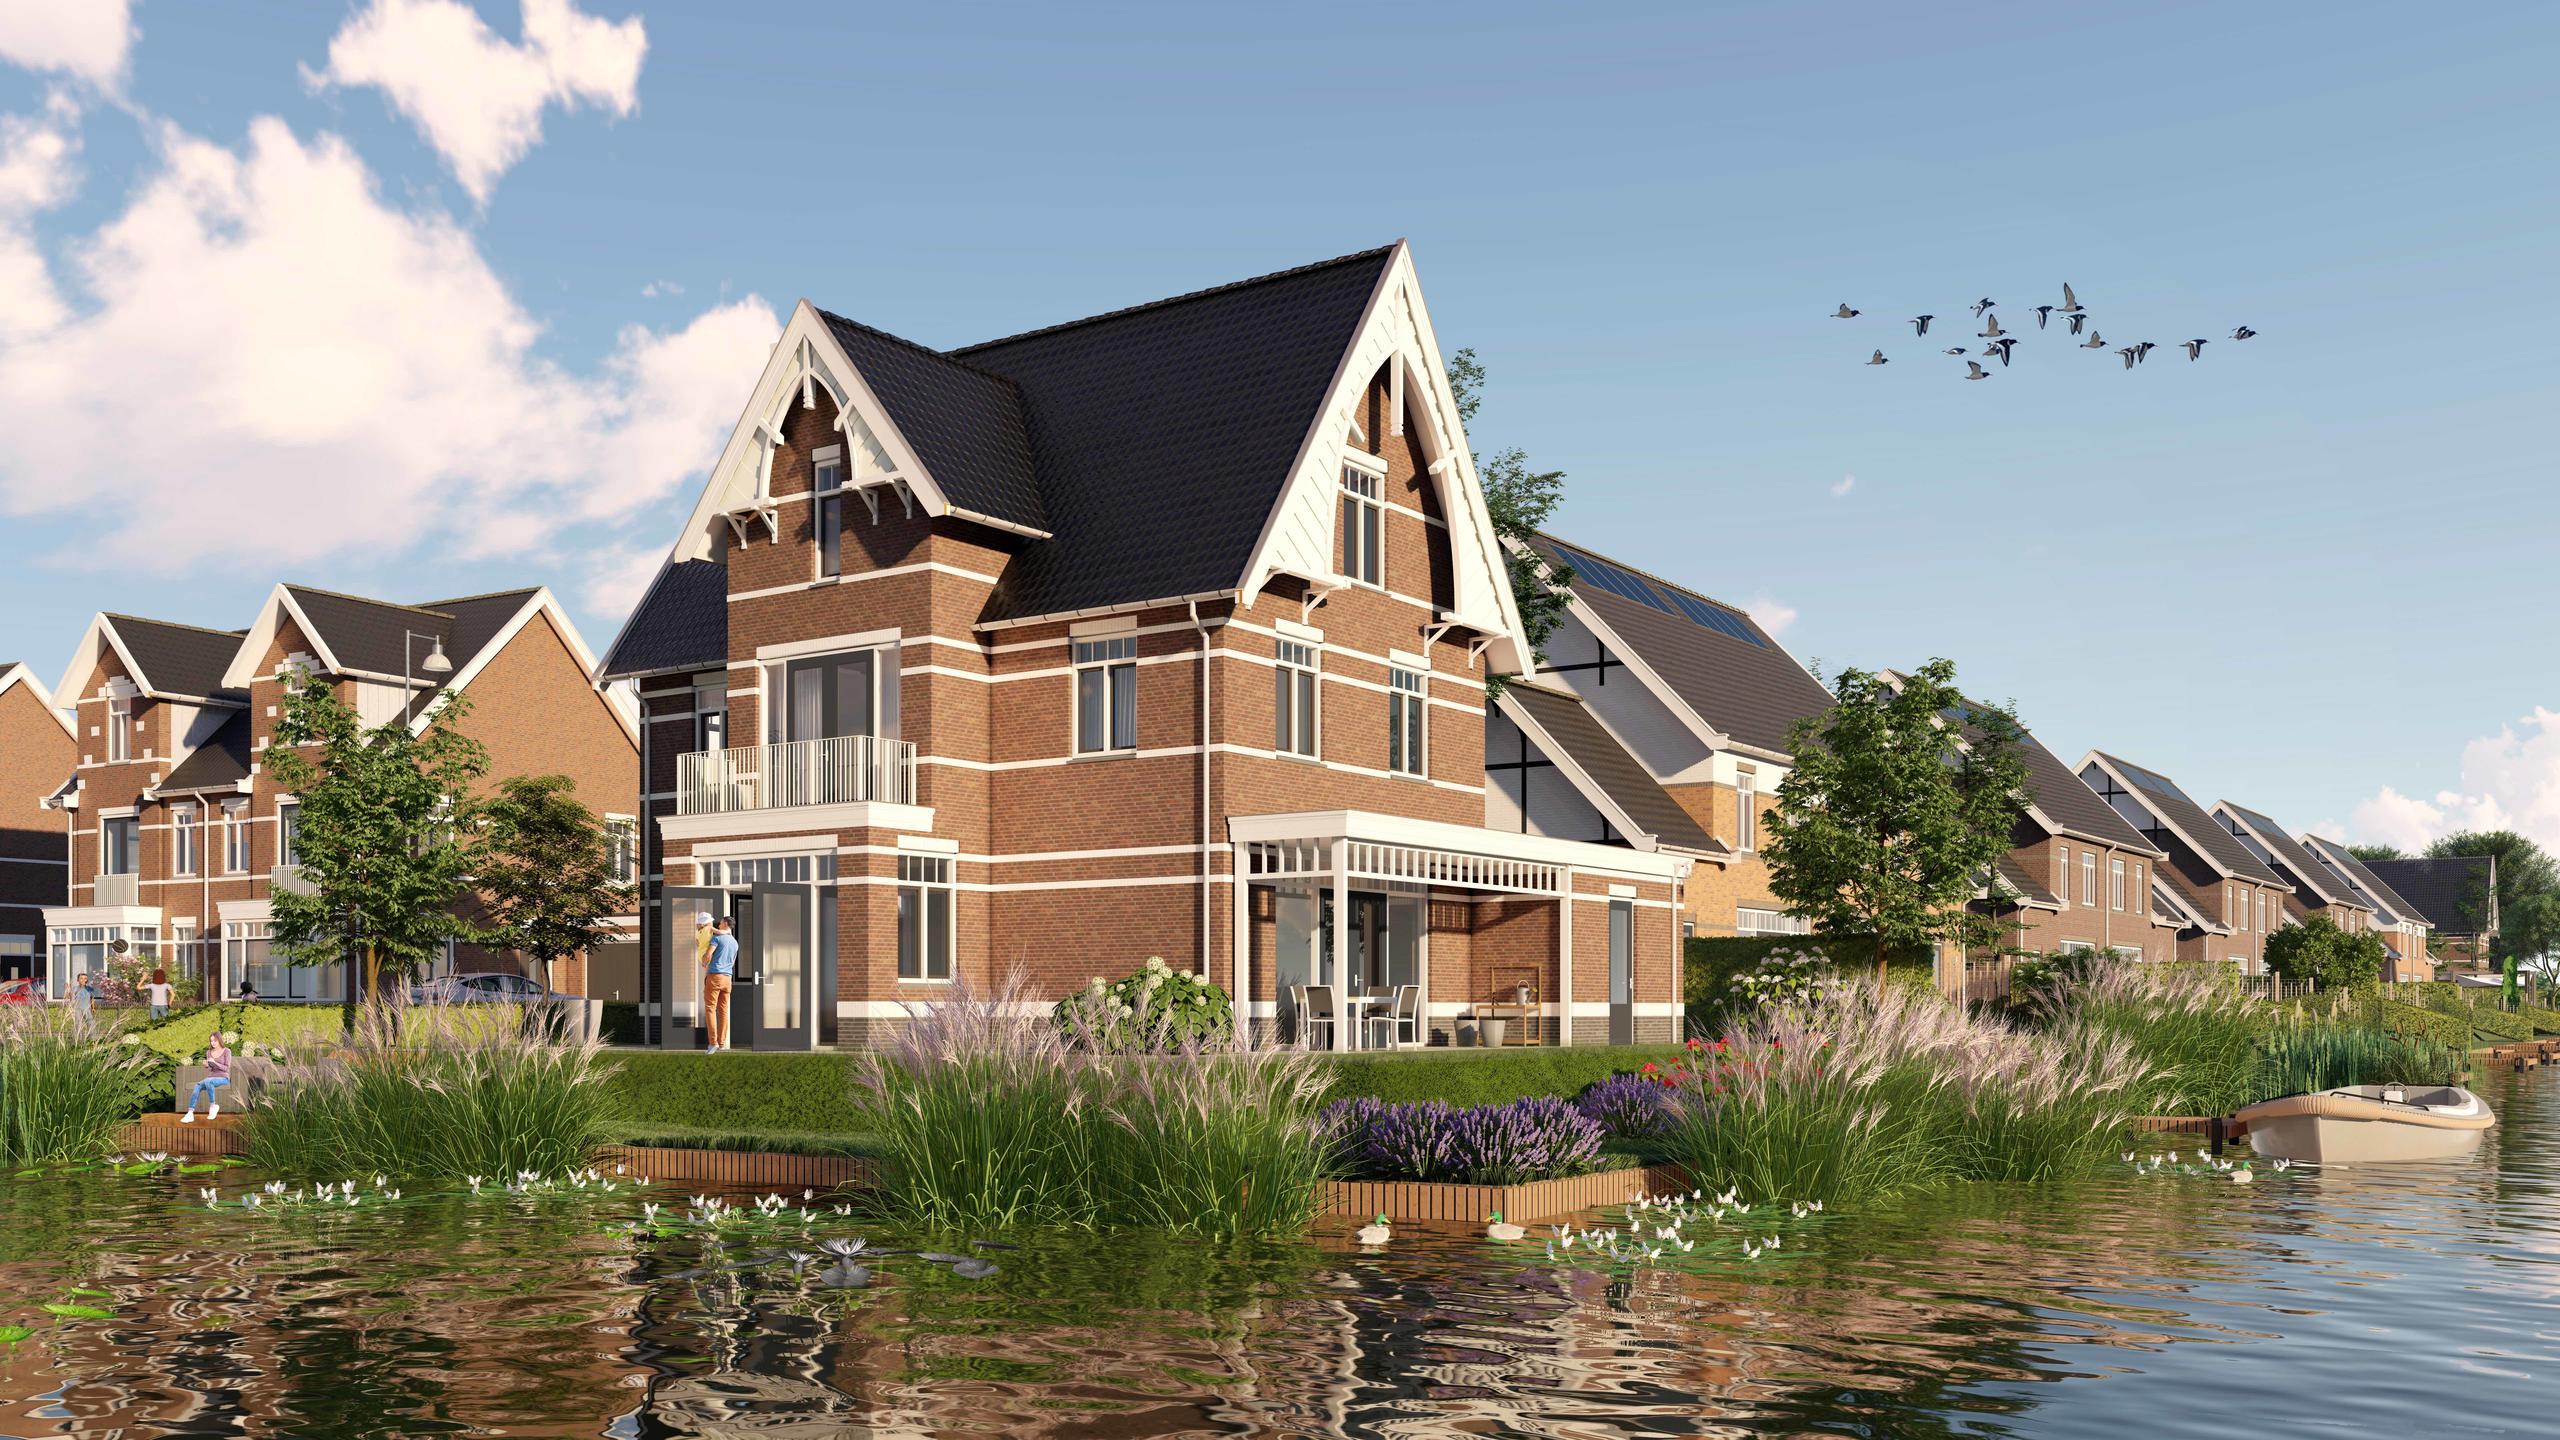 Lunshof makelaars Amstelveen en Amsterdam - Fort Blauwkapelstraat 41  Weesp